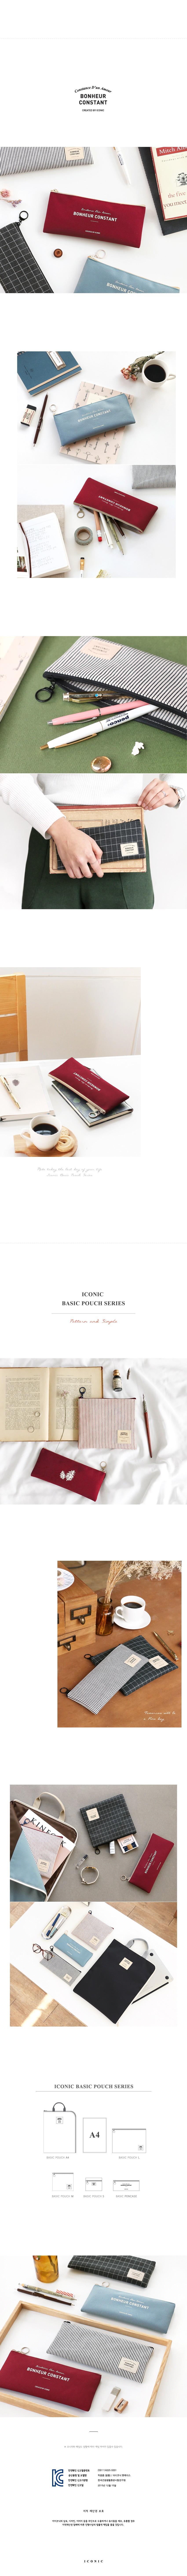 아이코닉 베이직 펜케이스 - 아이코닉, 5,800원, 패브릭필통, 심플